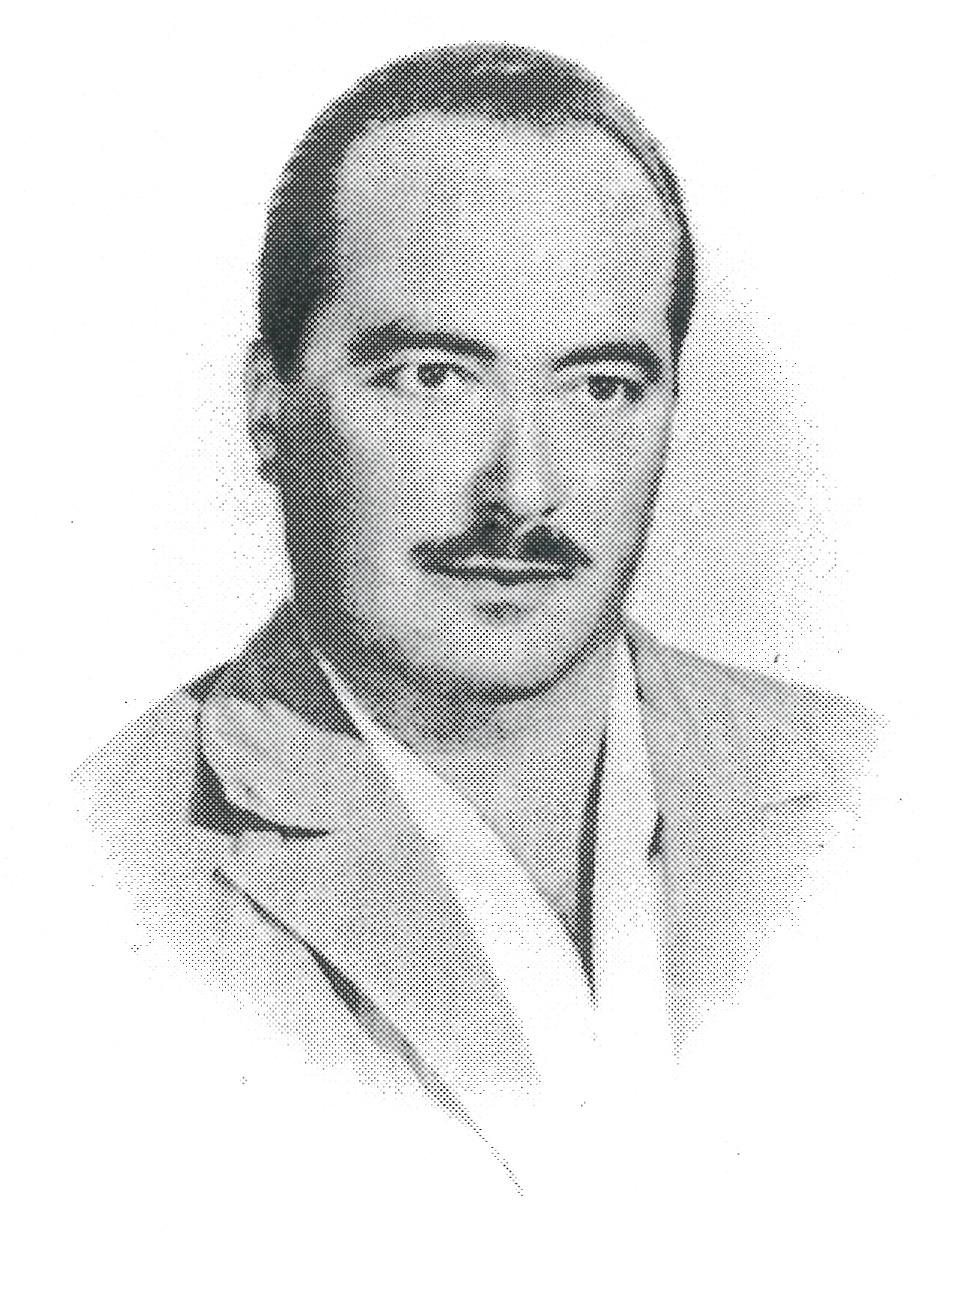 Francesco Spitella